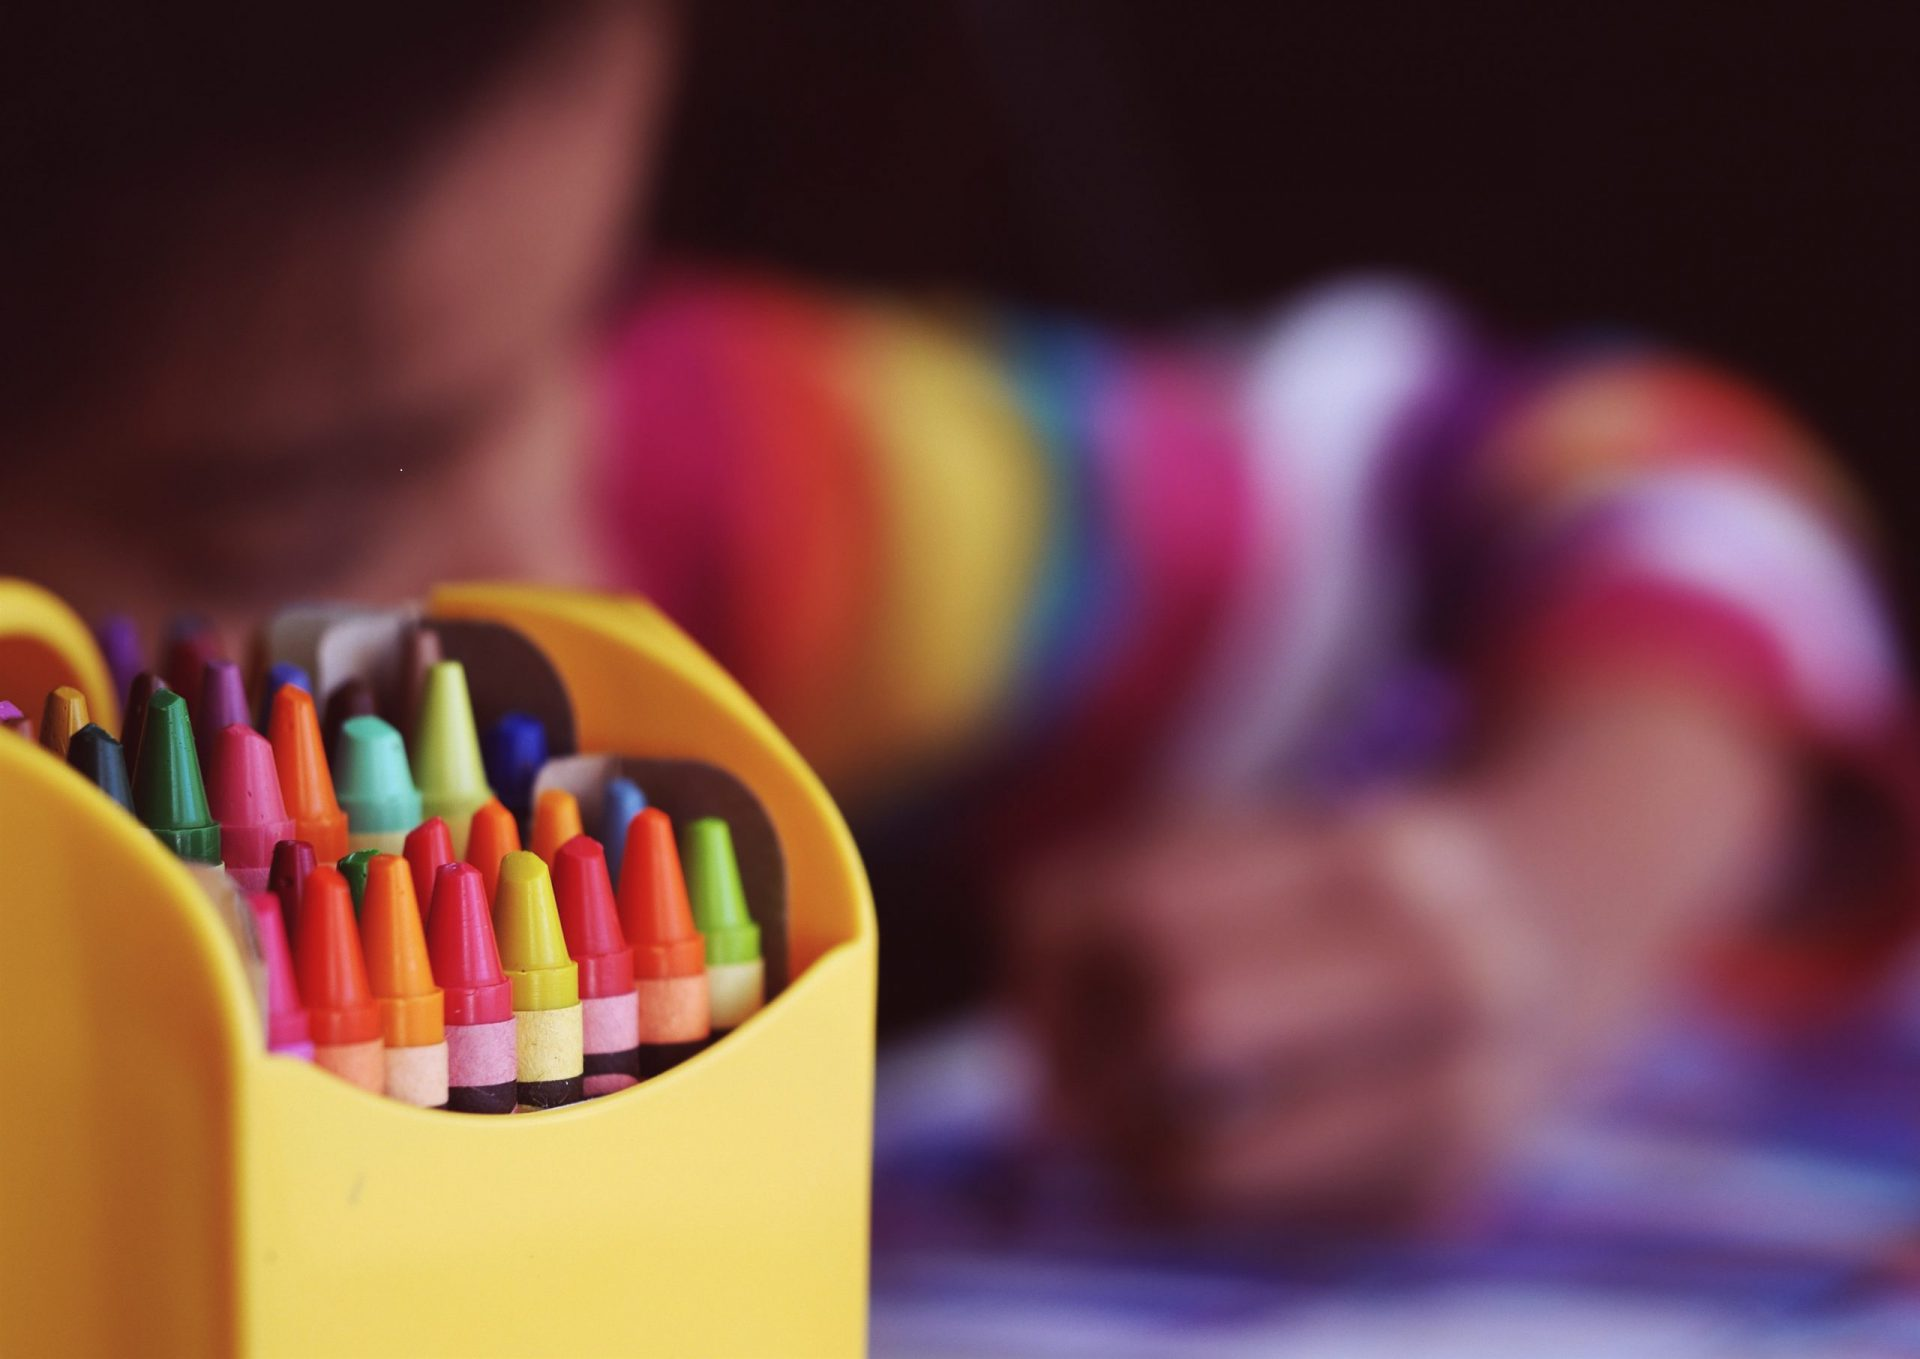 Bunte Wachsmalkreiden in einer offenen Packung, im Hintergrund unscharf ein malendes Kind